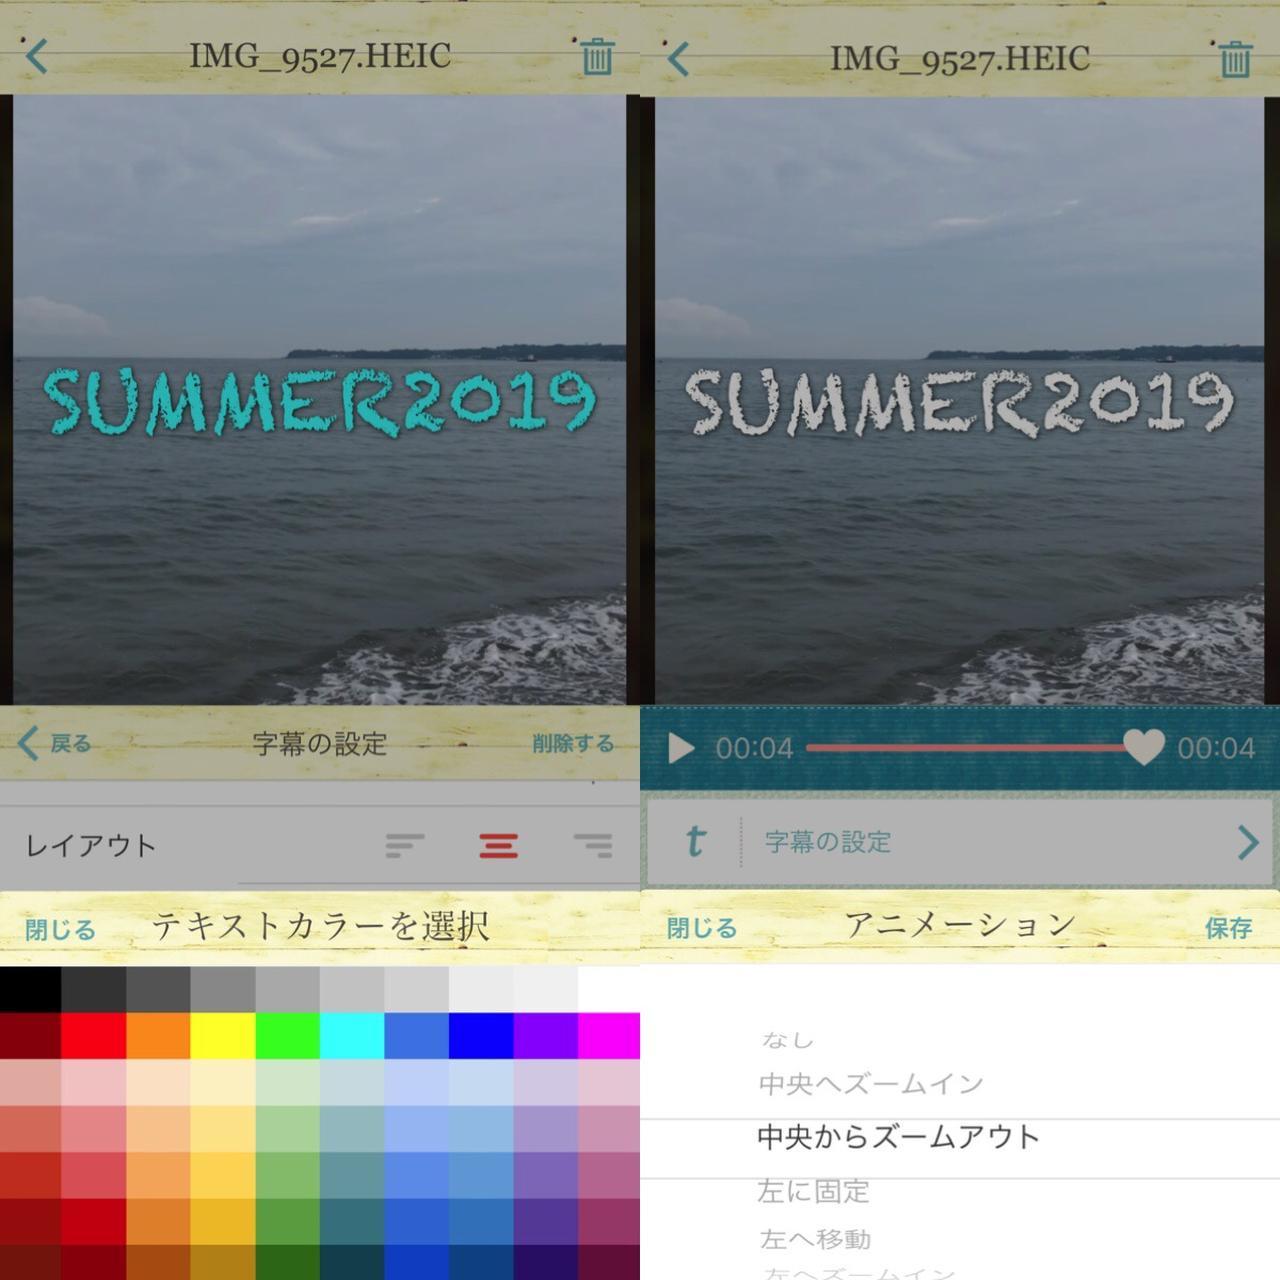 画像6: 動画の作り方は簡単!簡単ナビと直感的な操作でできちゃいます。